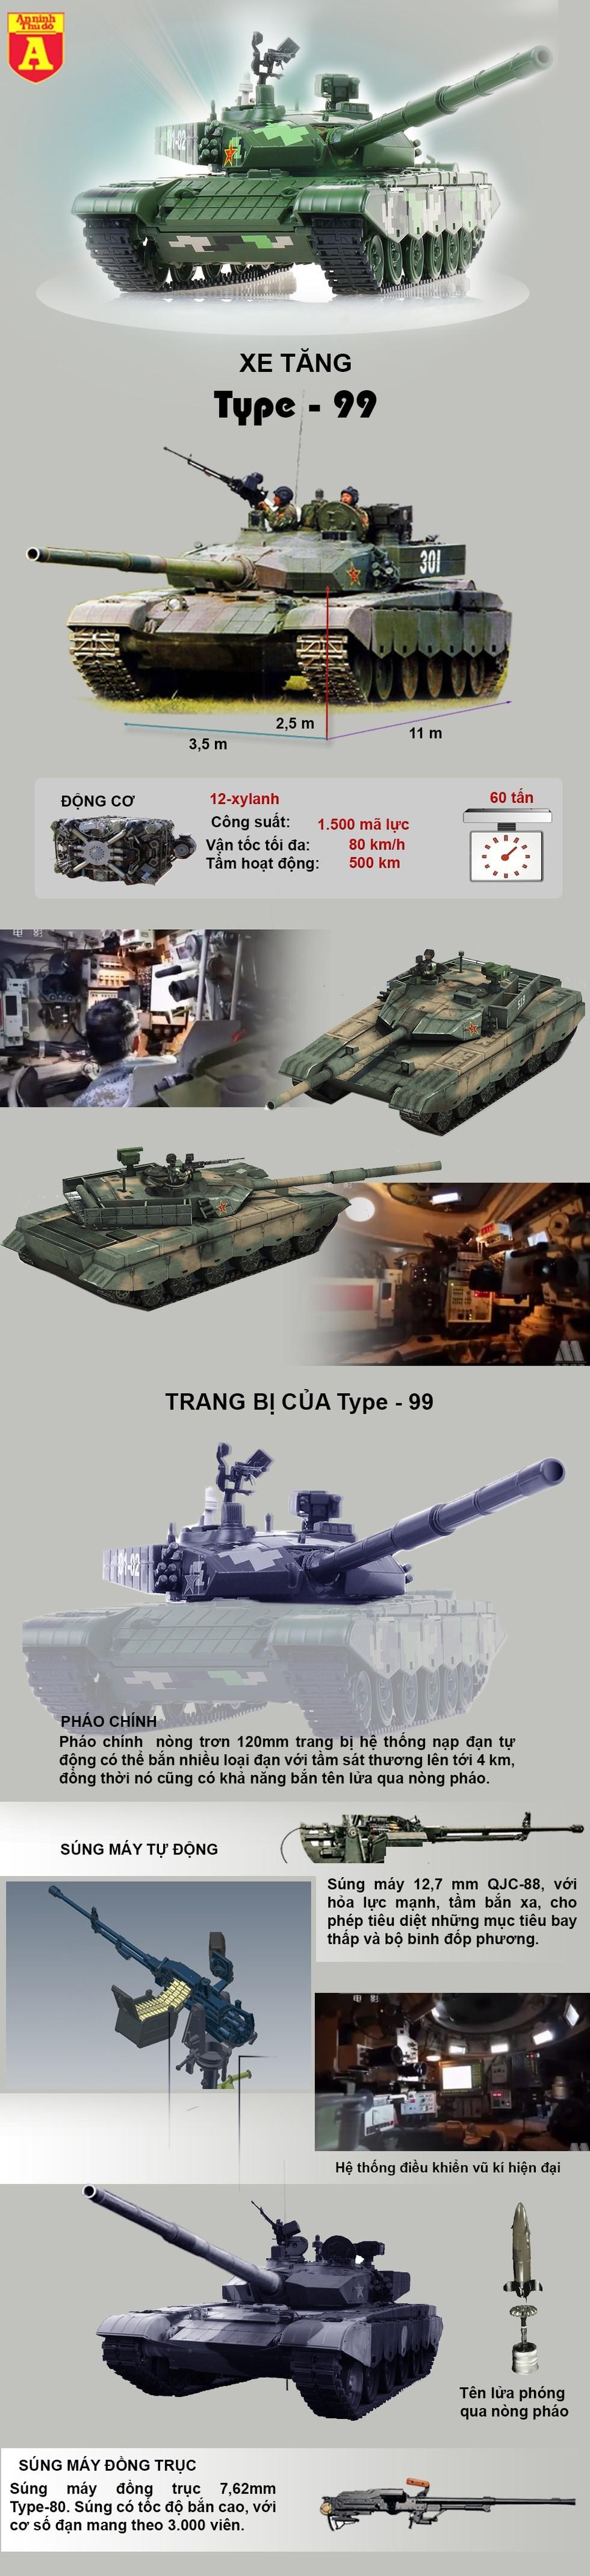 """[Info] Chiến xa xịn nhất Trung Quốc không đủ mạnh để làm """"vua tăng Châu Á"""" ảnh 2"""